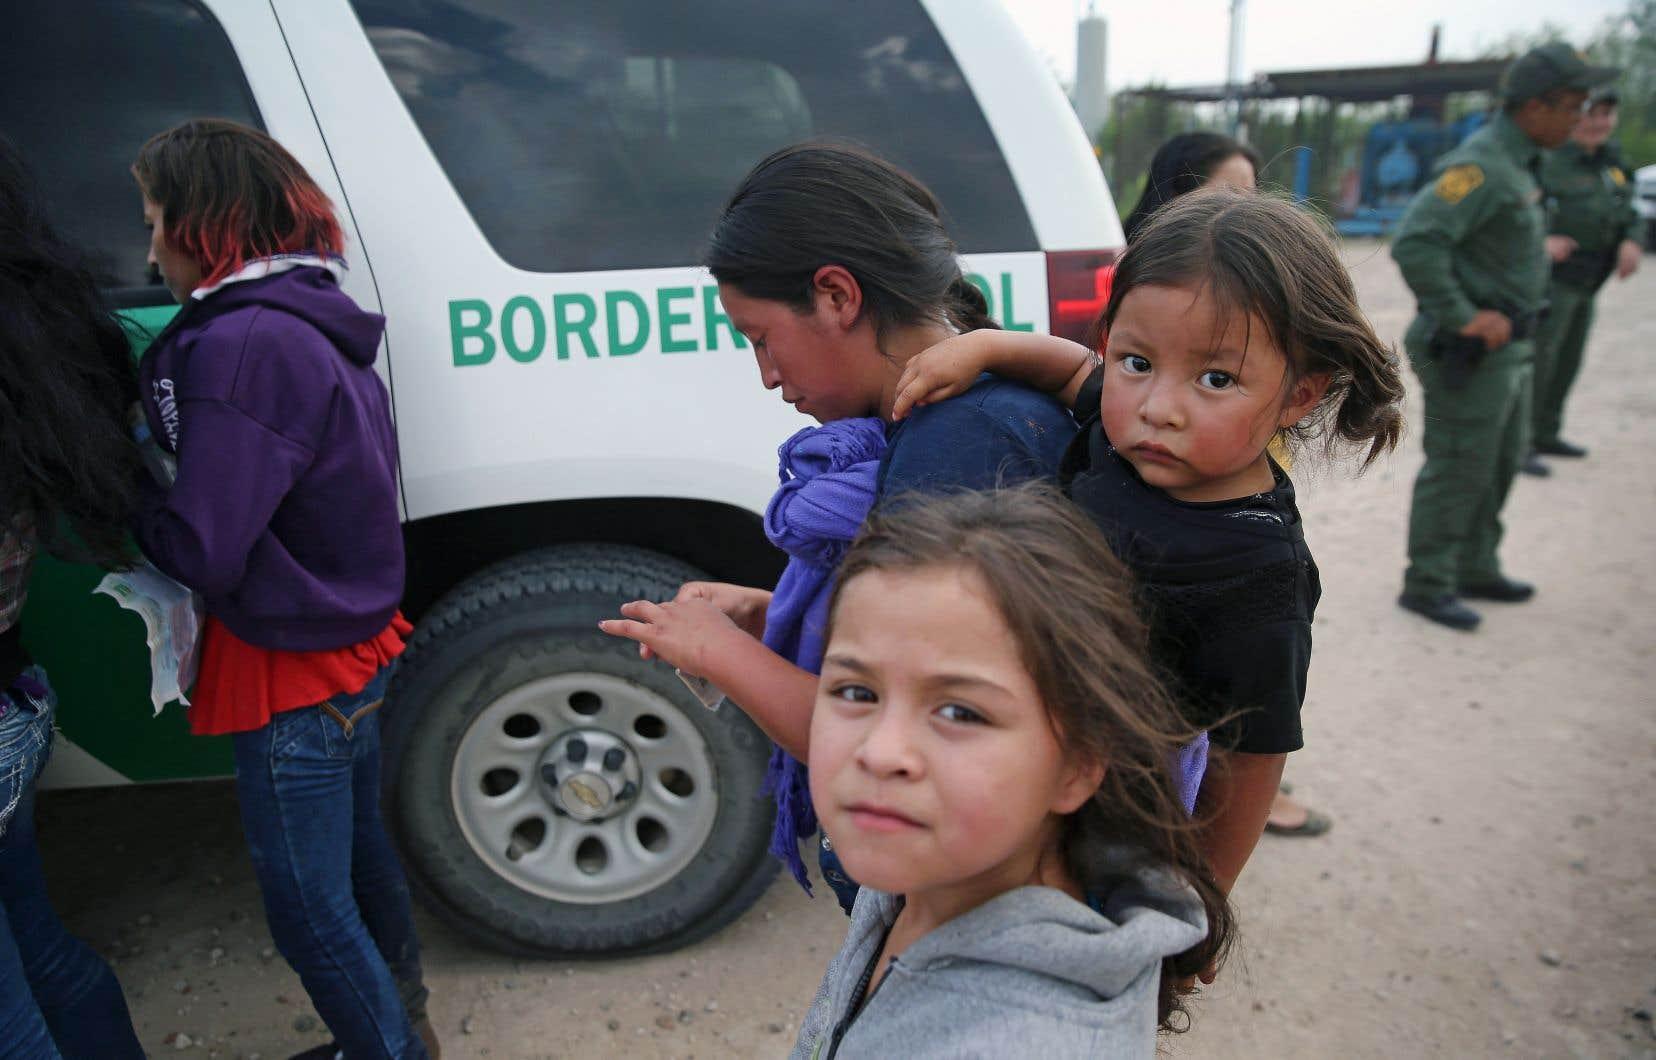 Si le gouvernement Trump va de l'avant avec une autre vague d'expulsions massives, qui toucherait des milliers de migrants mineurs issus du triangle Nord, beaucoup d'observateurs craignent que ceux-ci viennent grossir les rangs de gangs criminels ou s'exposent à des exactions violentes.